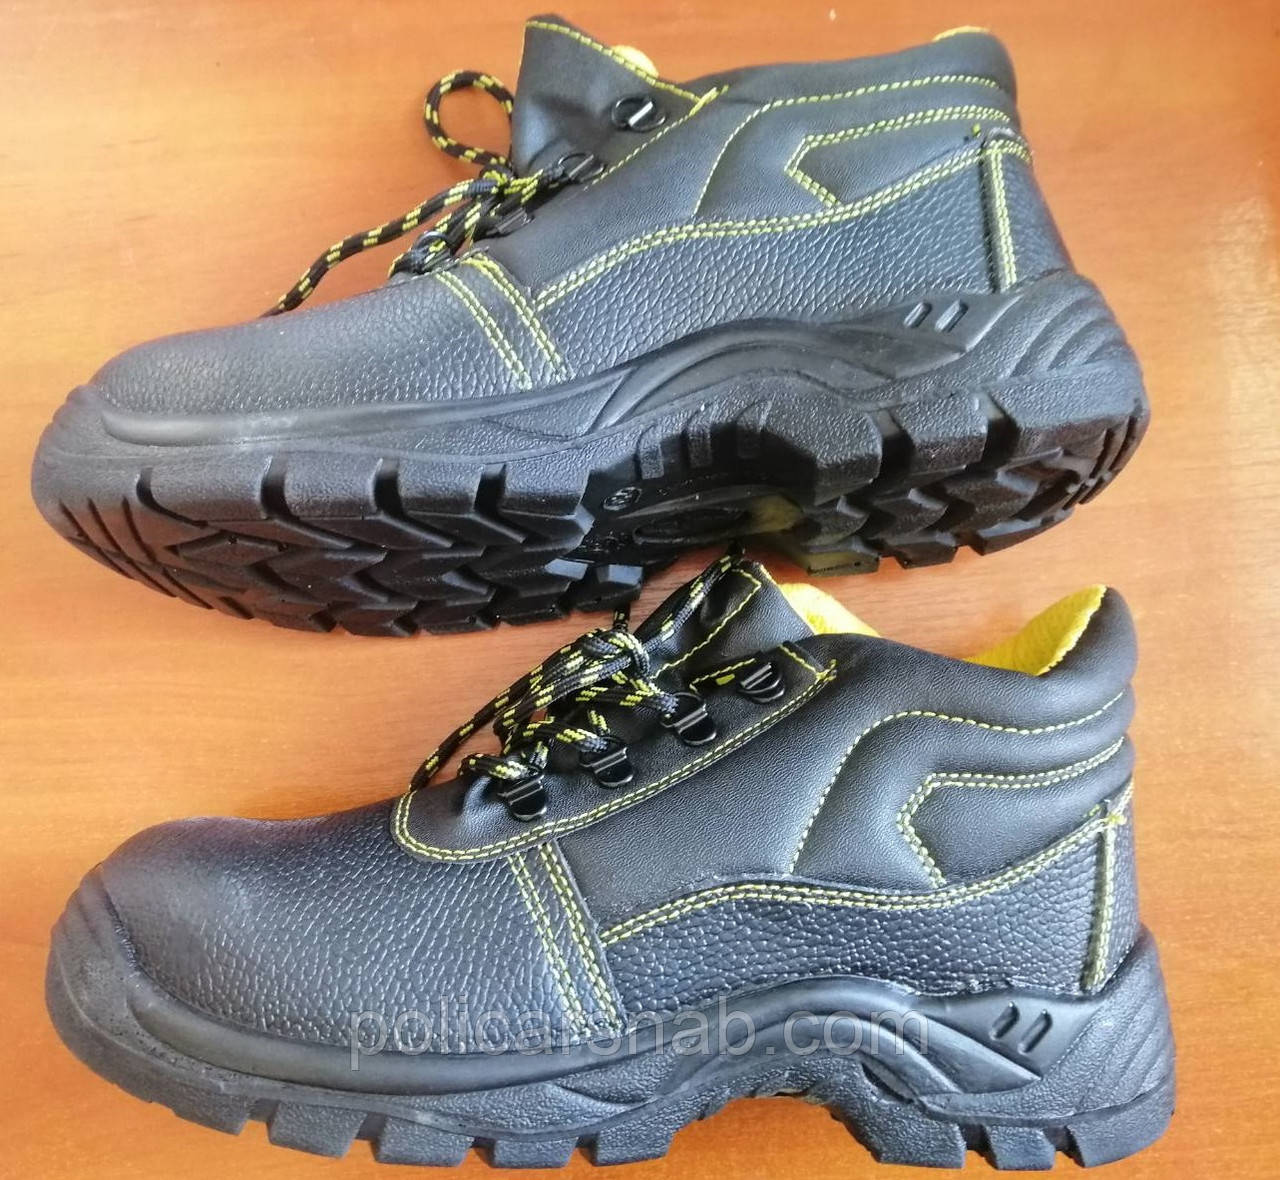 Антискользящие рабочие ботинки спецобувь из кожи с металлическим подноском BRYES-T-SB